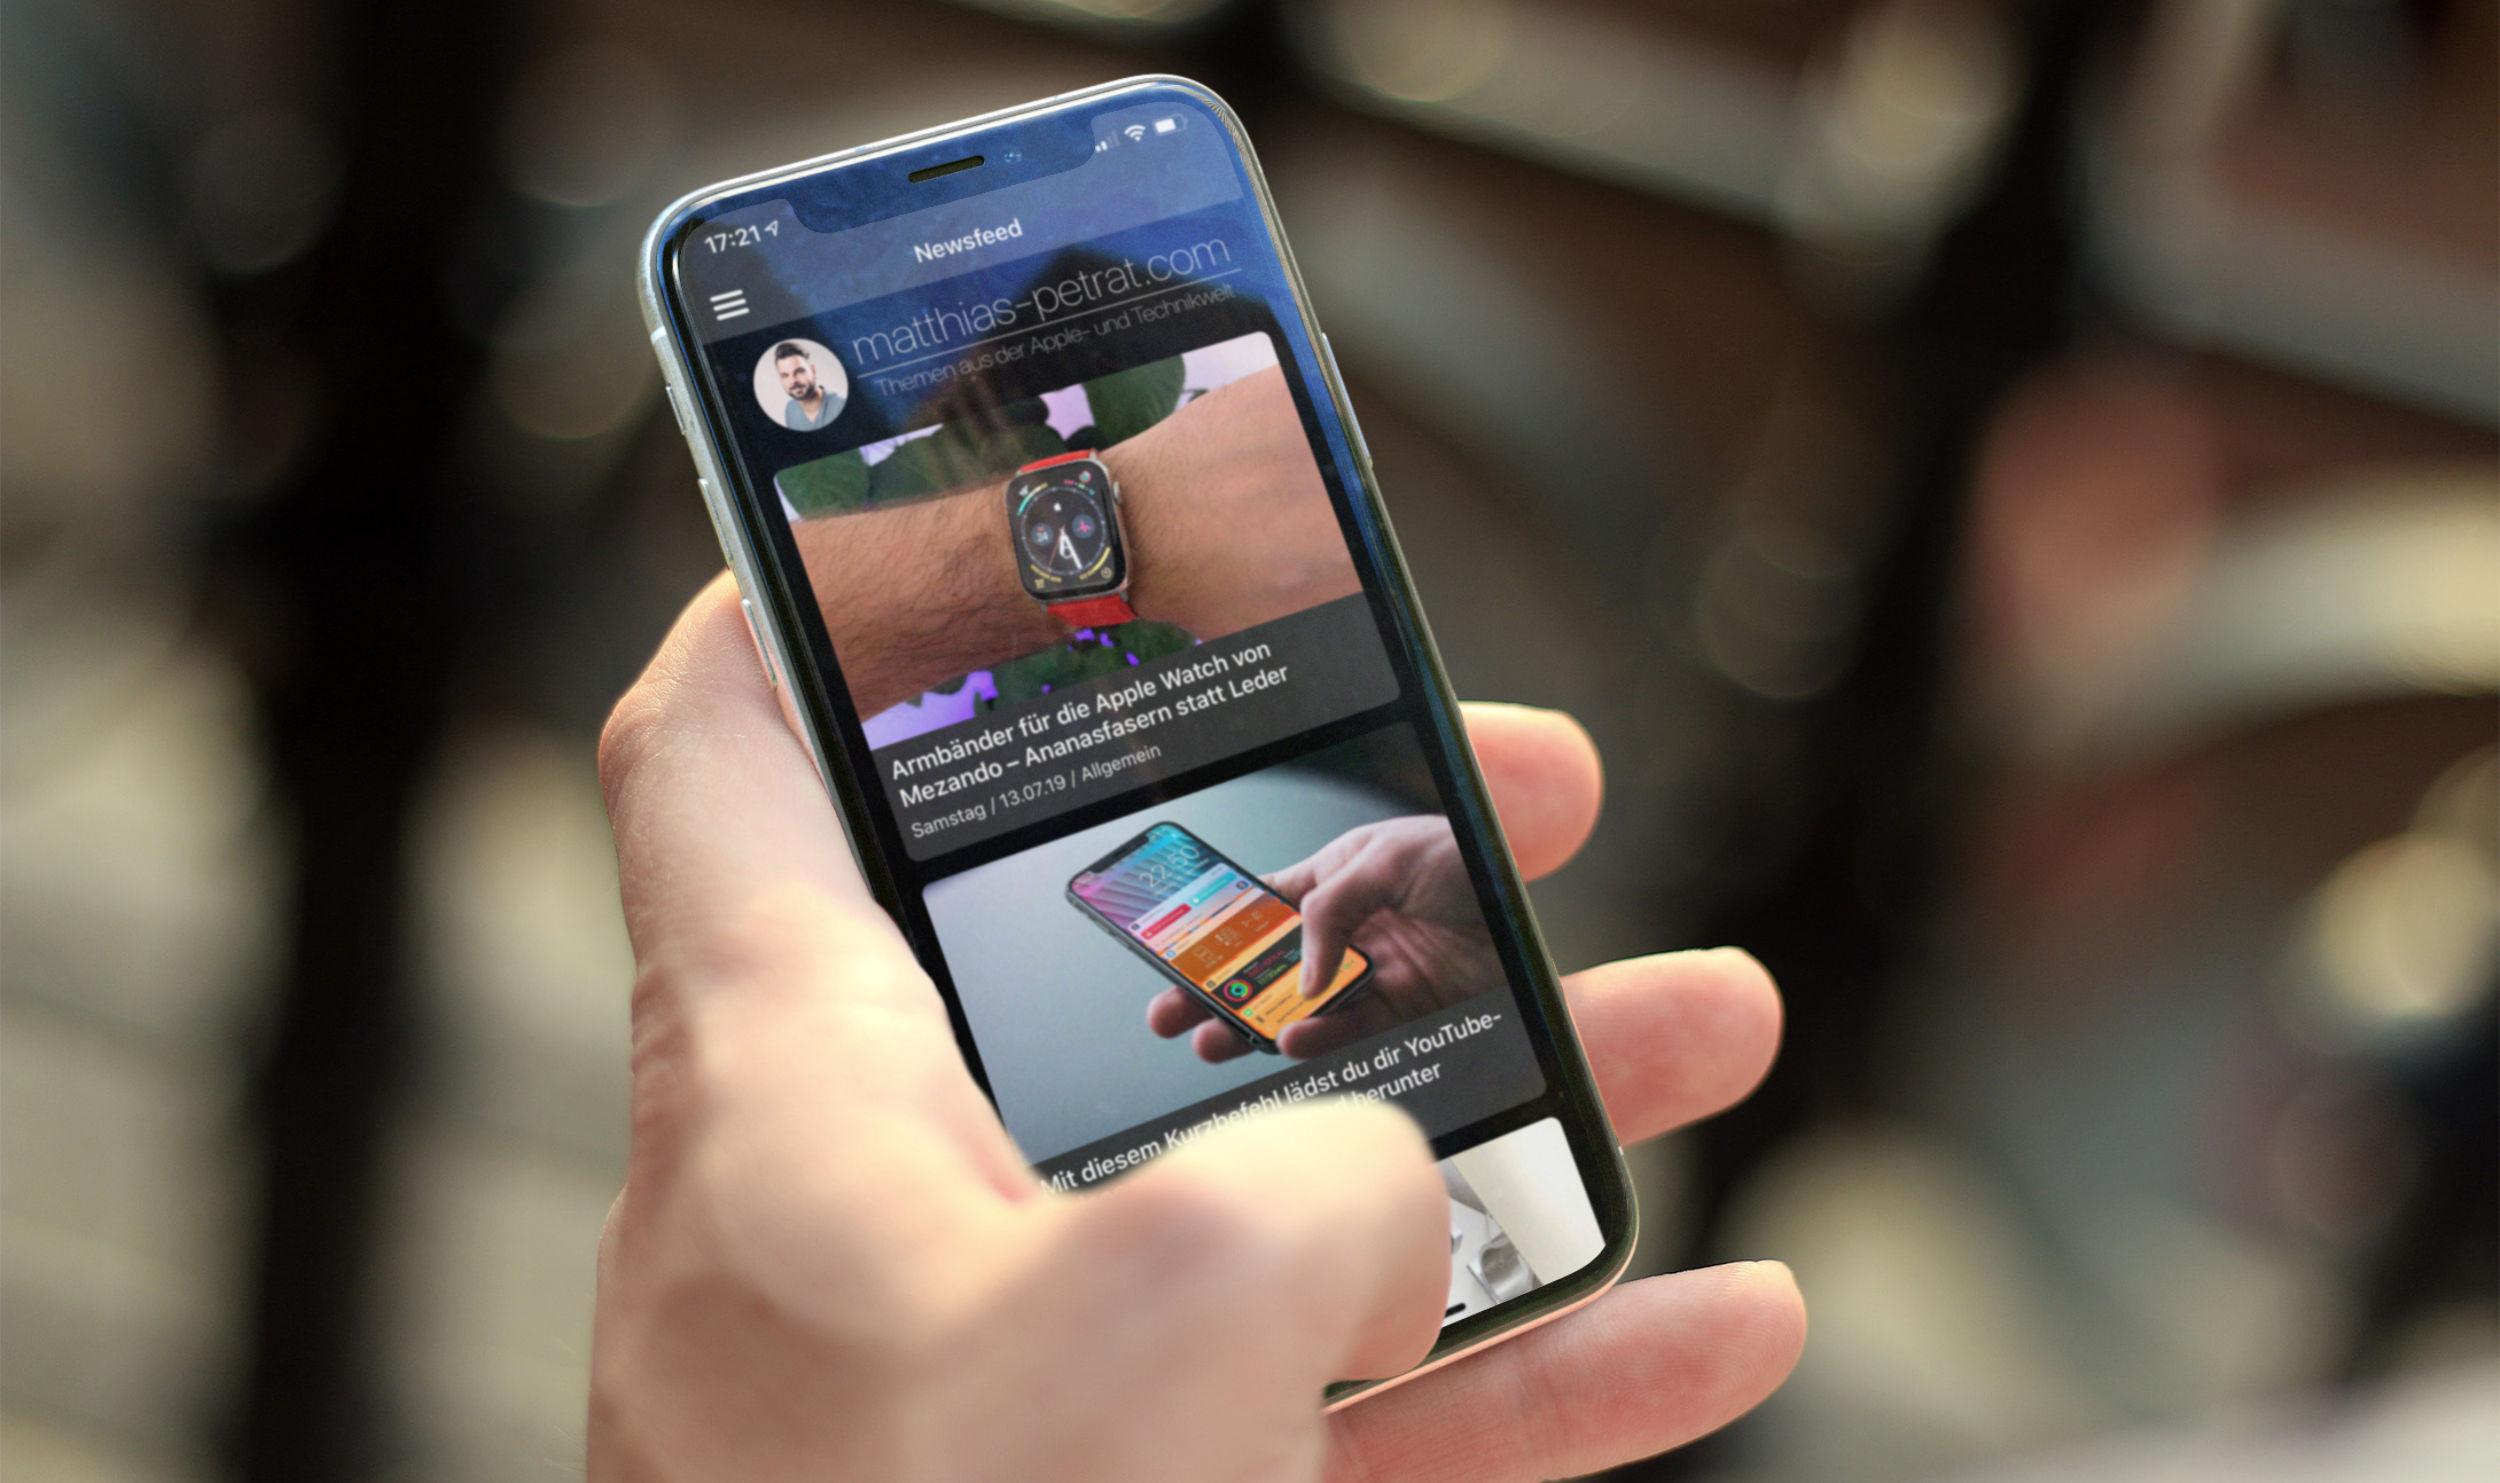 """matthias-petrat-Blog-App-Version-2-Mockup-Sneak-Peak Die App-Version 2.0 von """"matthias-petrat.com"""" kommt und du darfst mitwirken!"""